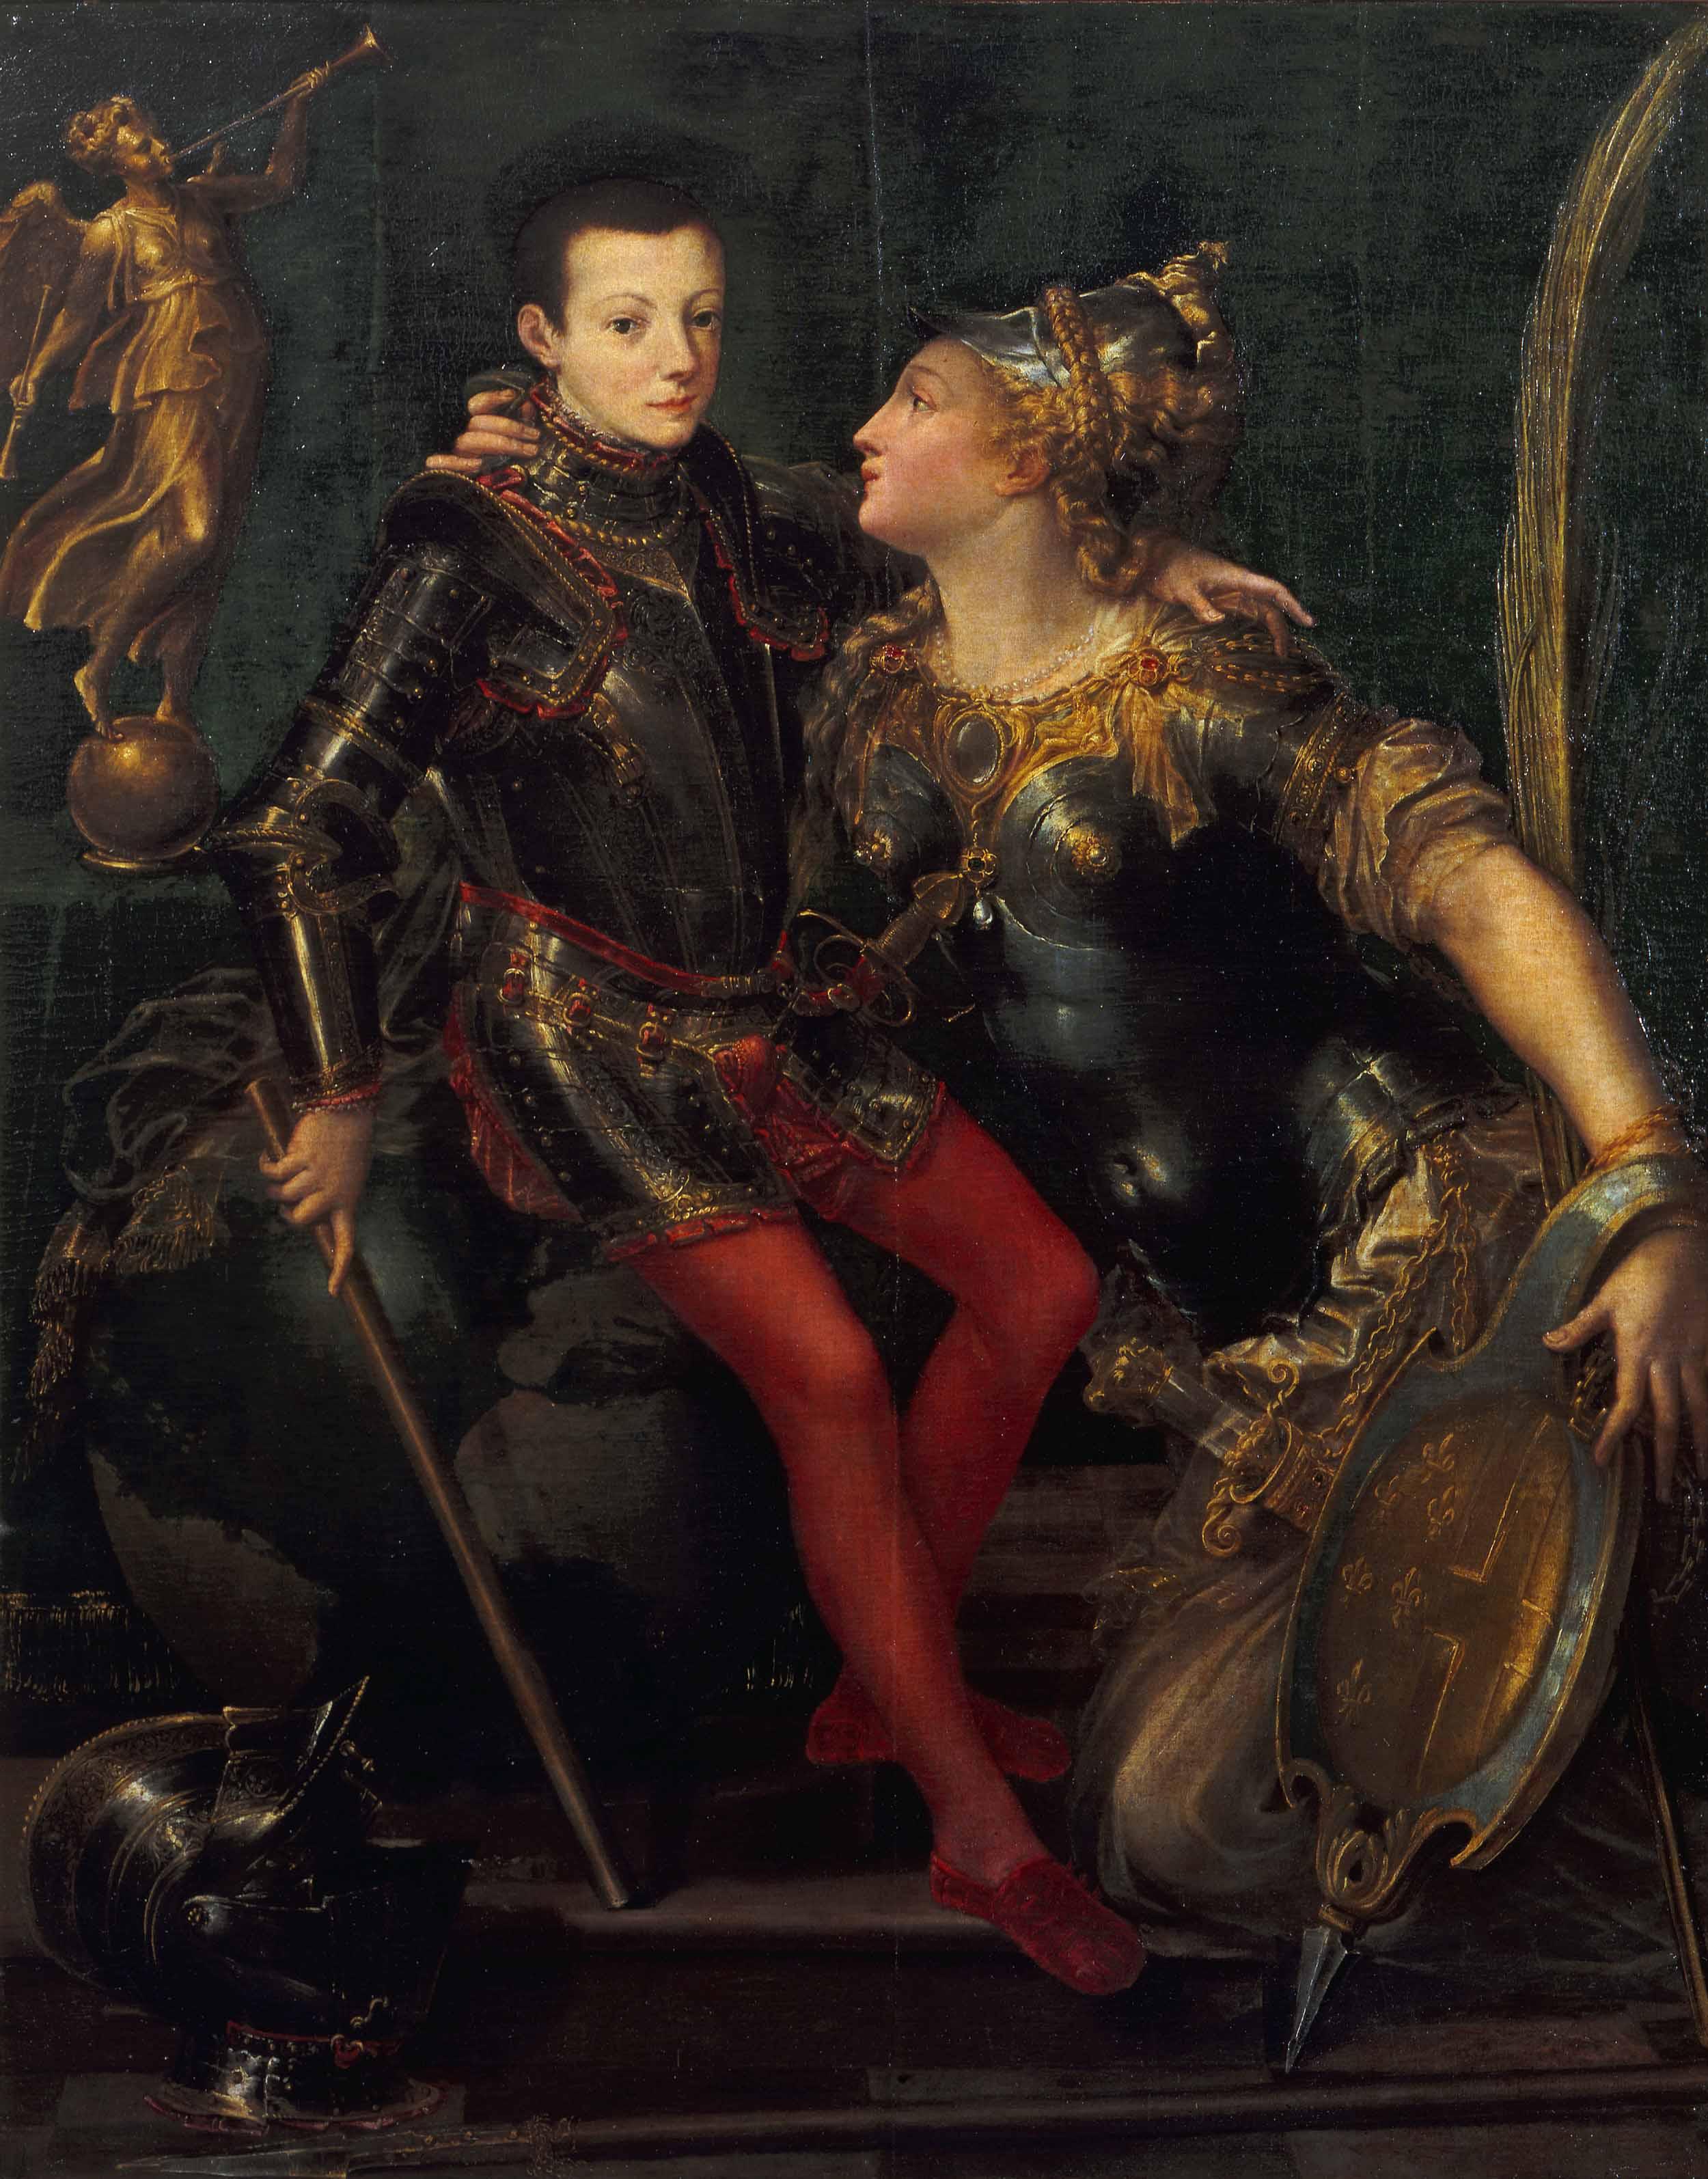 Leo femme datant Gemini homme